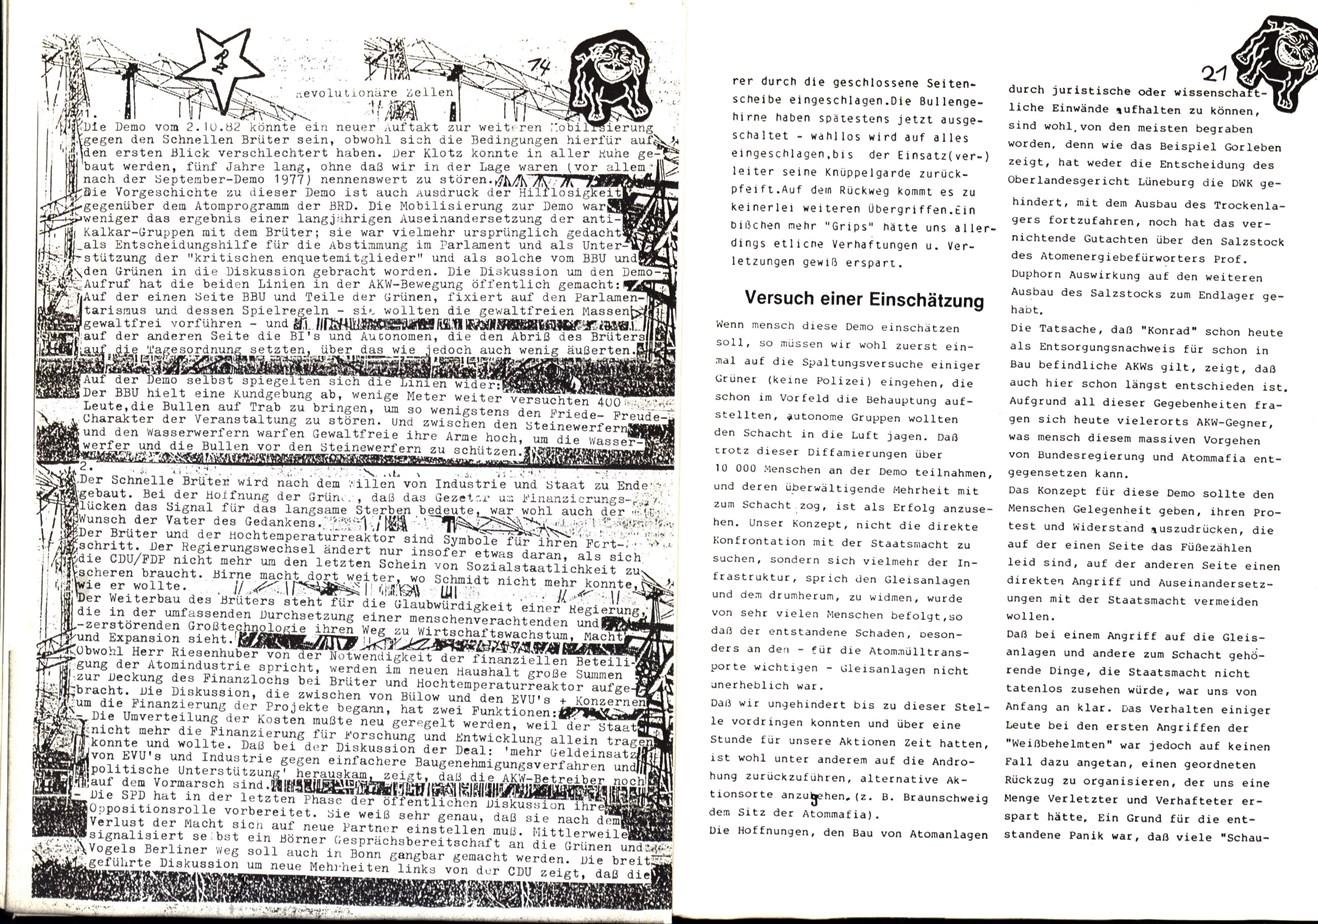 NRW_AKW_LKNRW_19821113_40_11